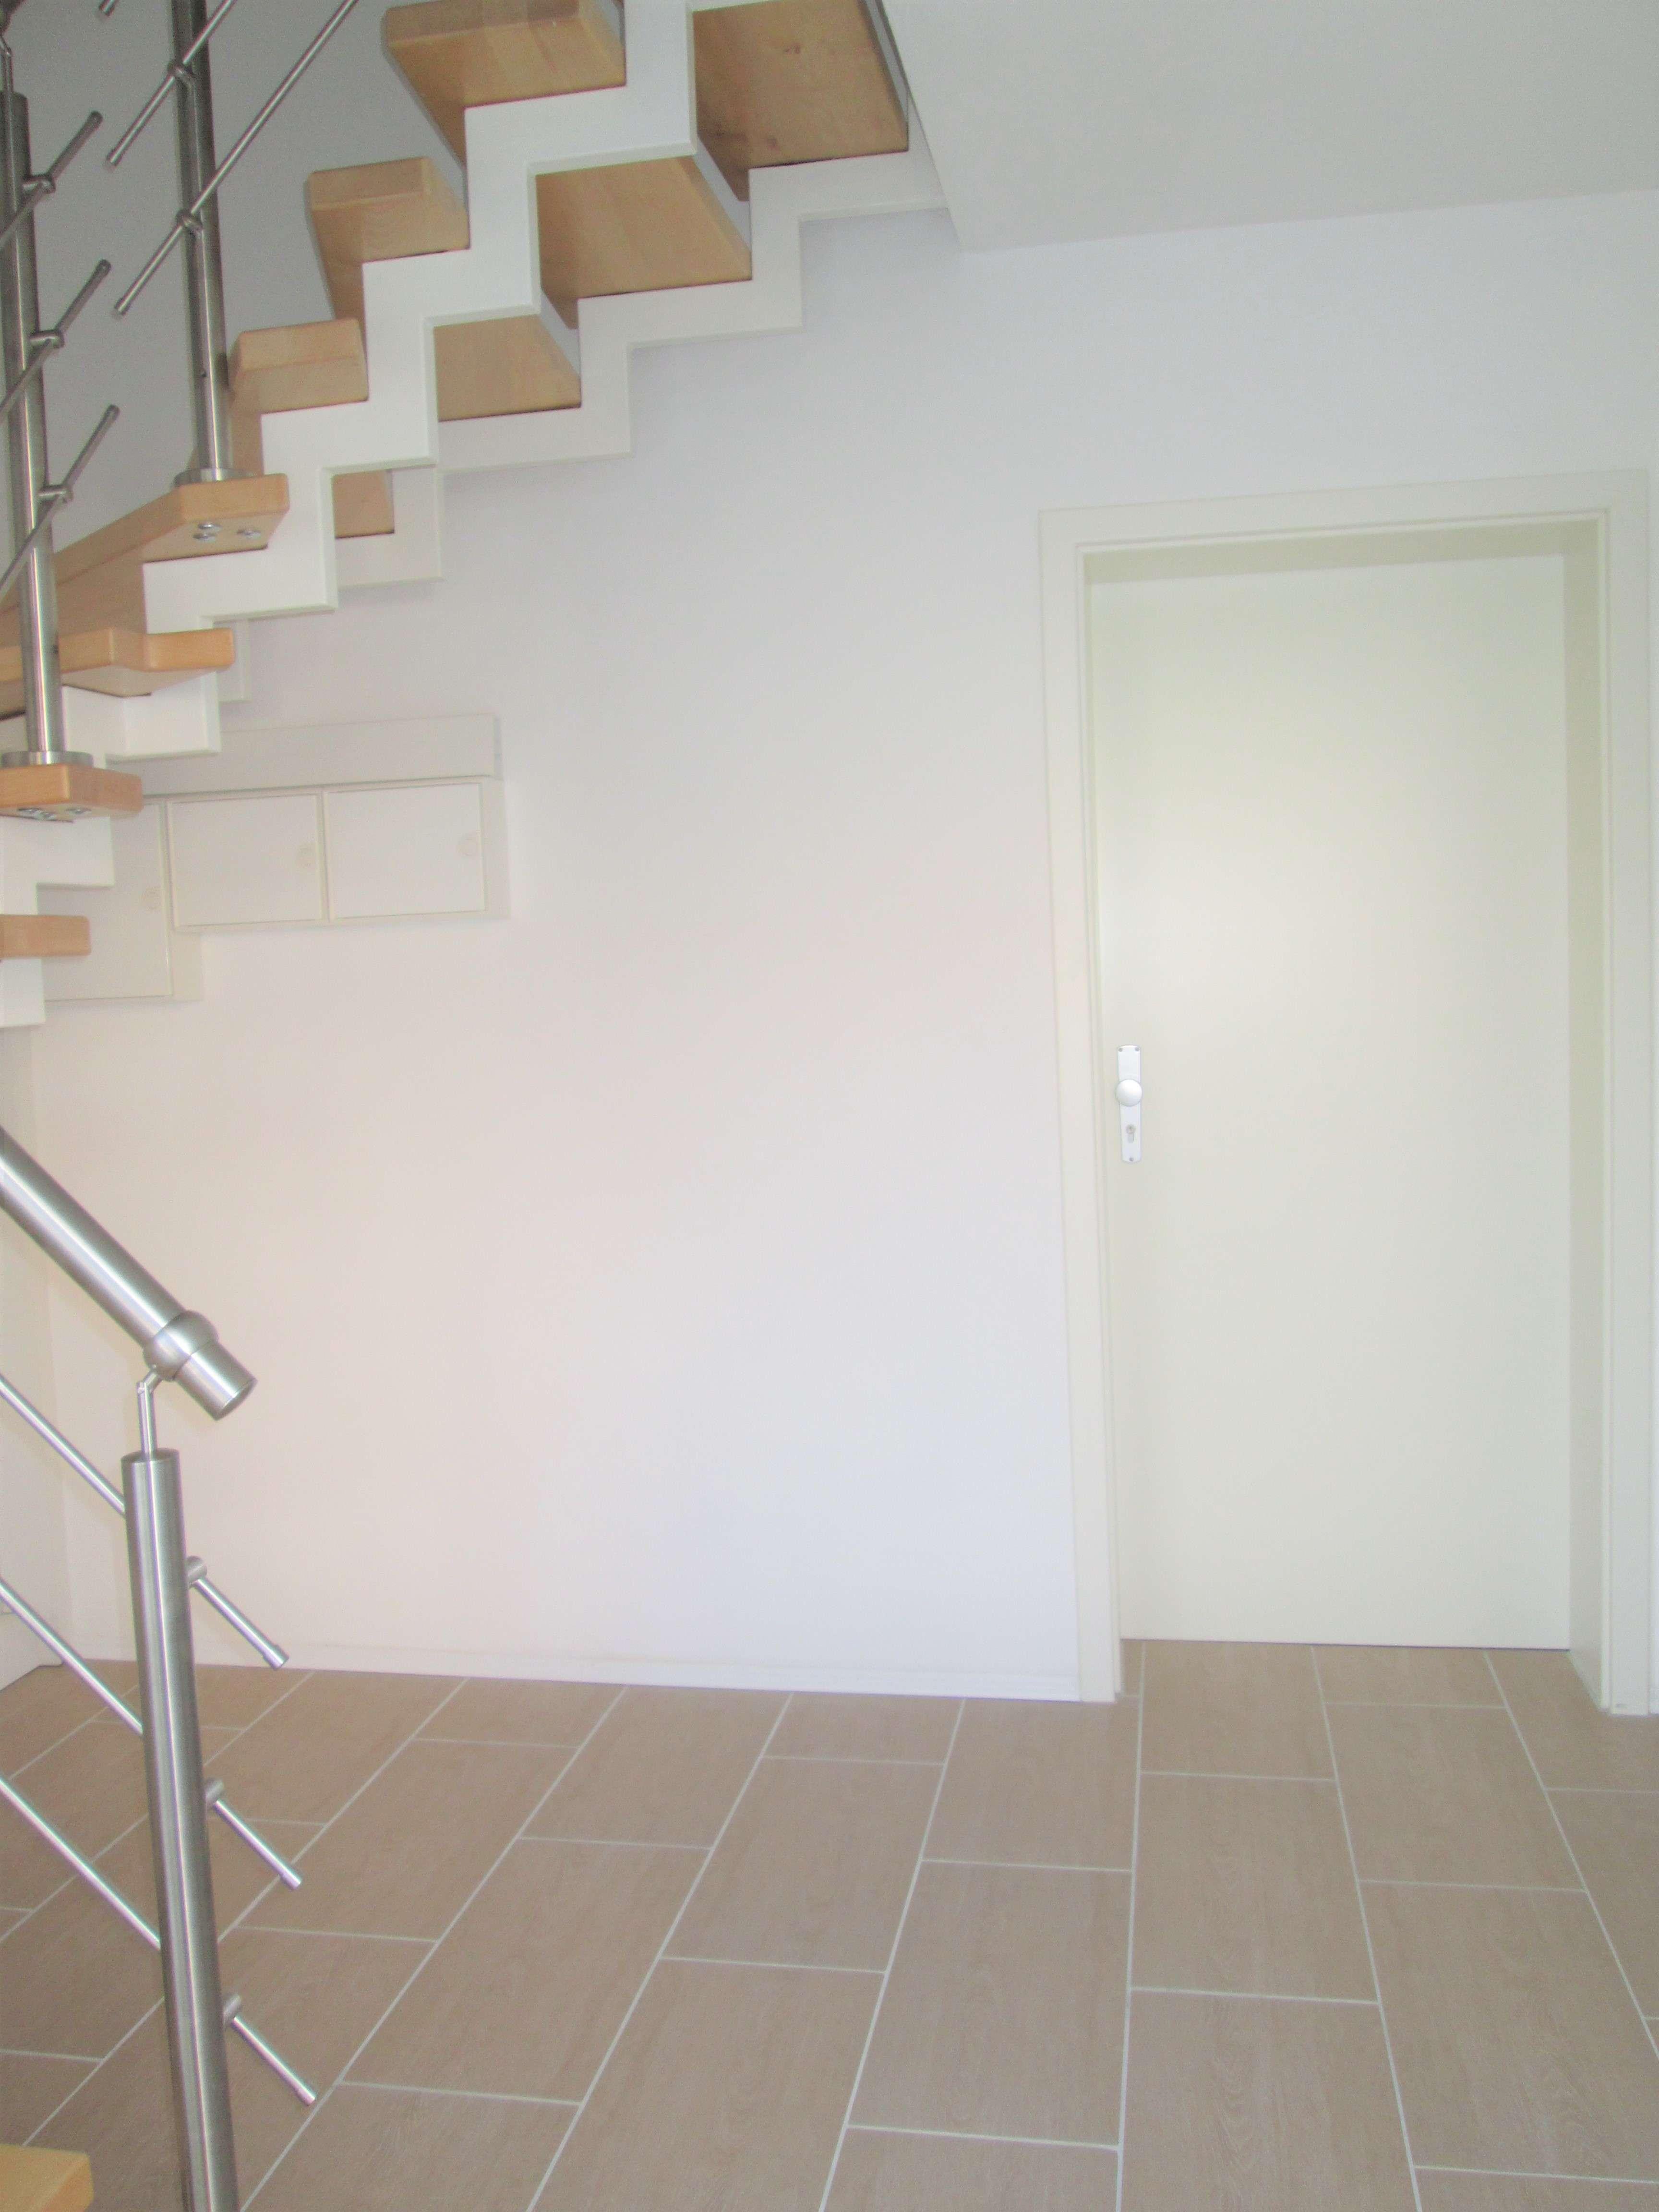 2-Zimmer-Küche-Bad-Wohnung mit Wintergarten und zwei Terrassen zur Miete in Baar-Ebenhausen in